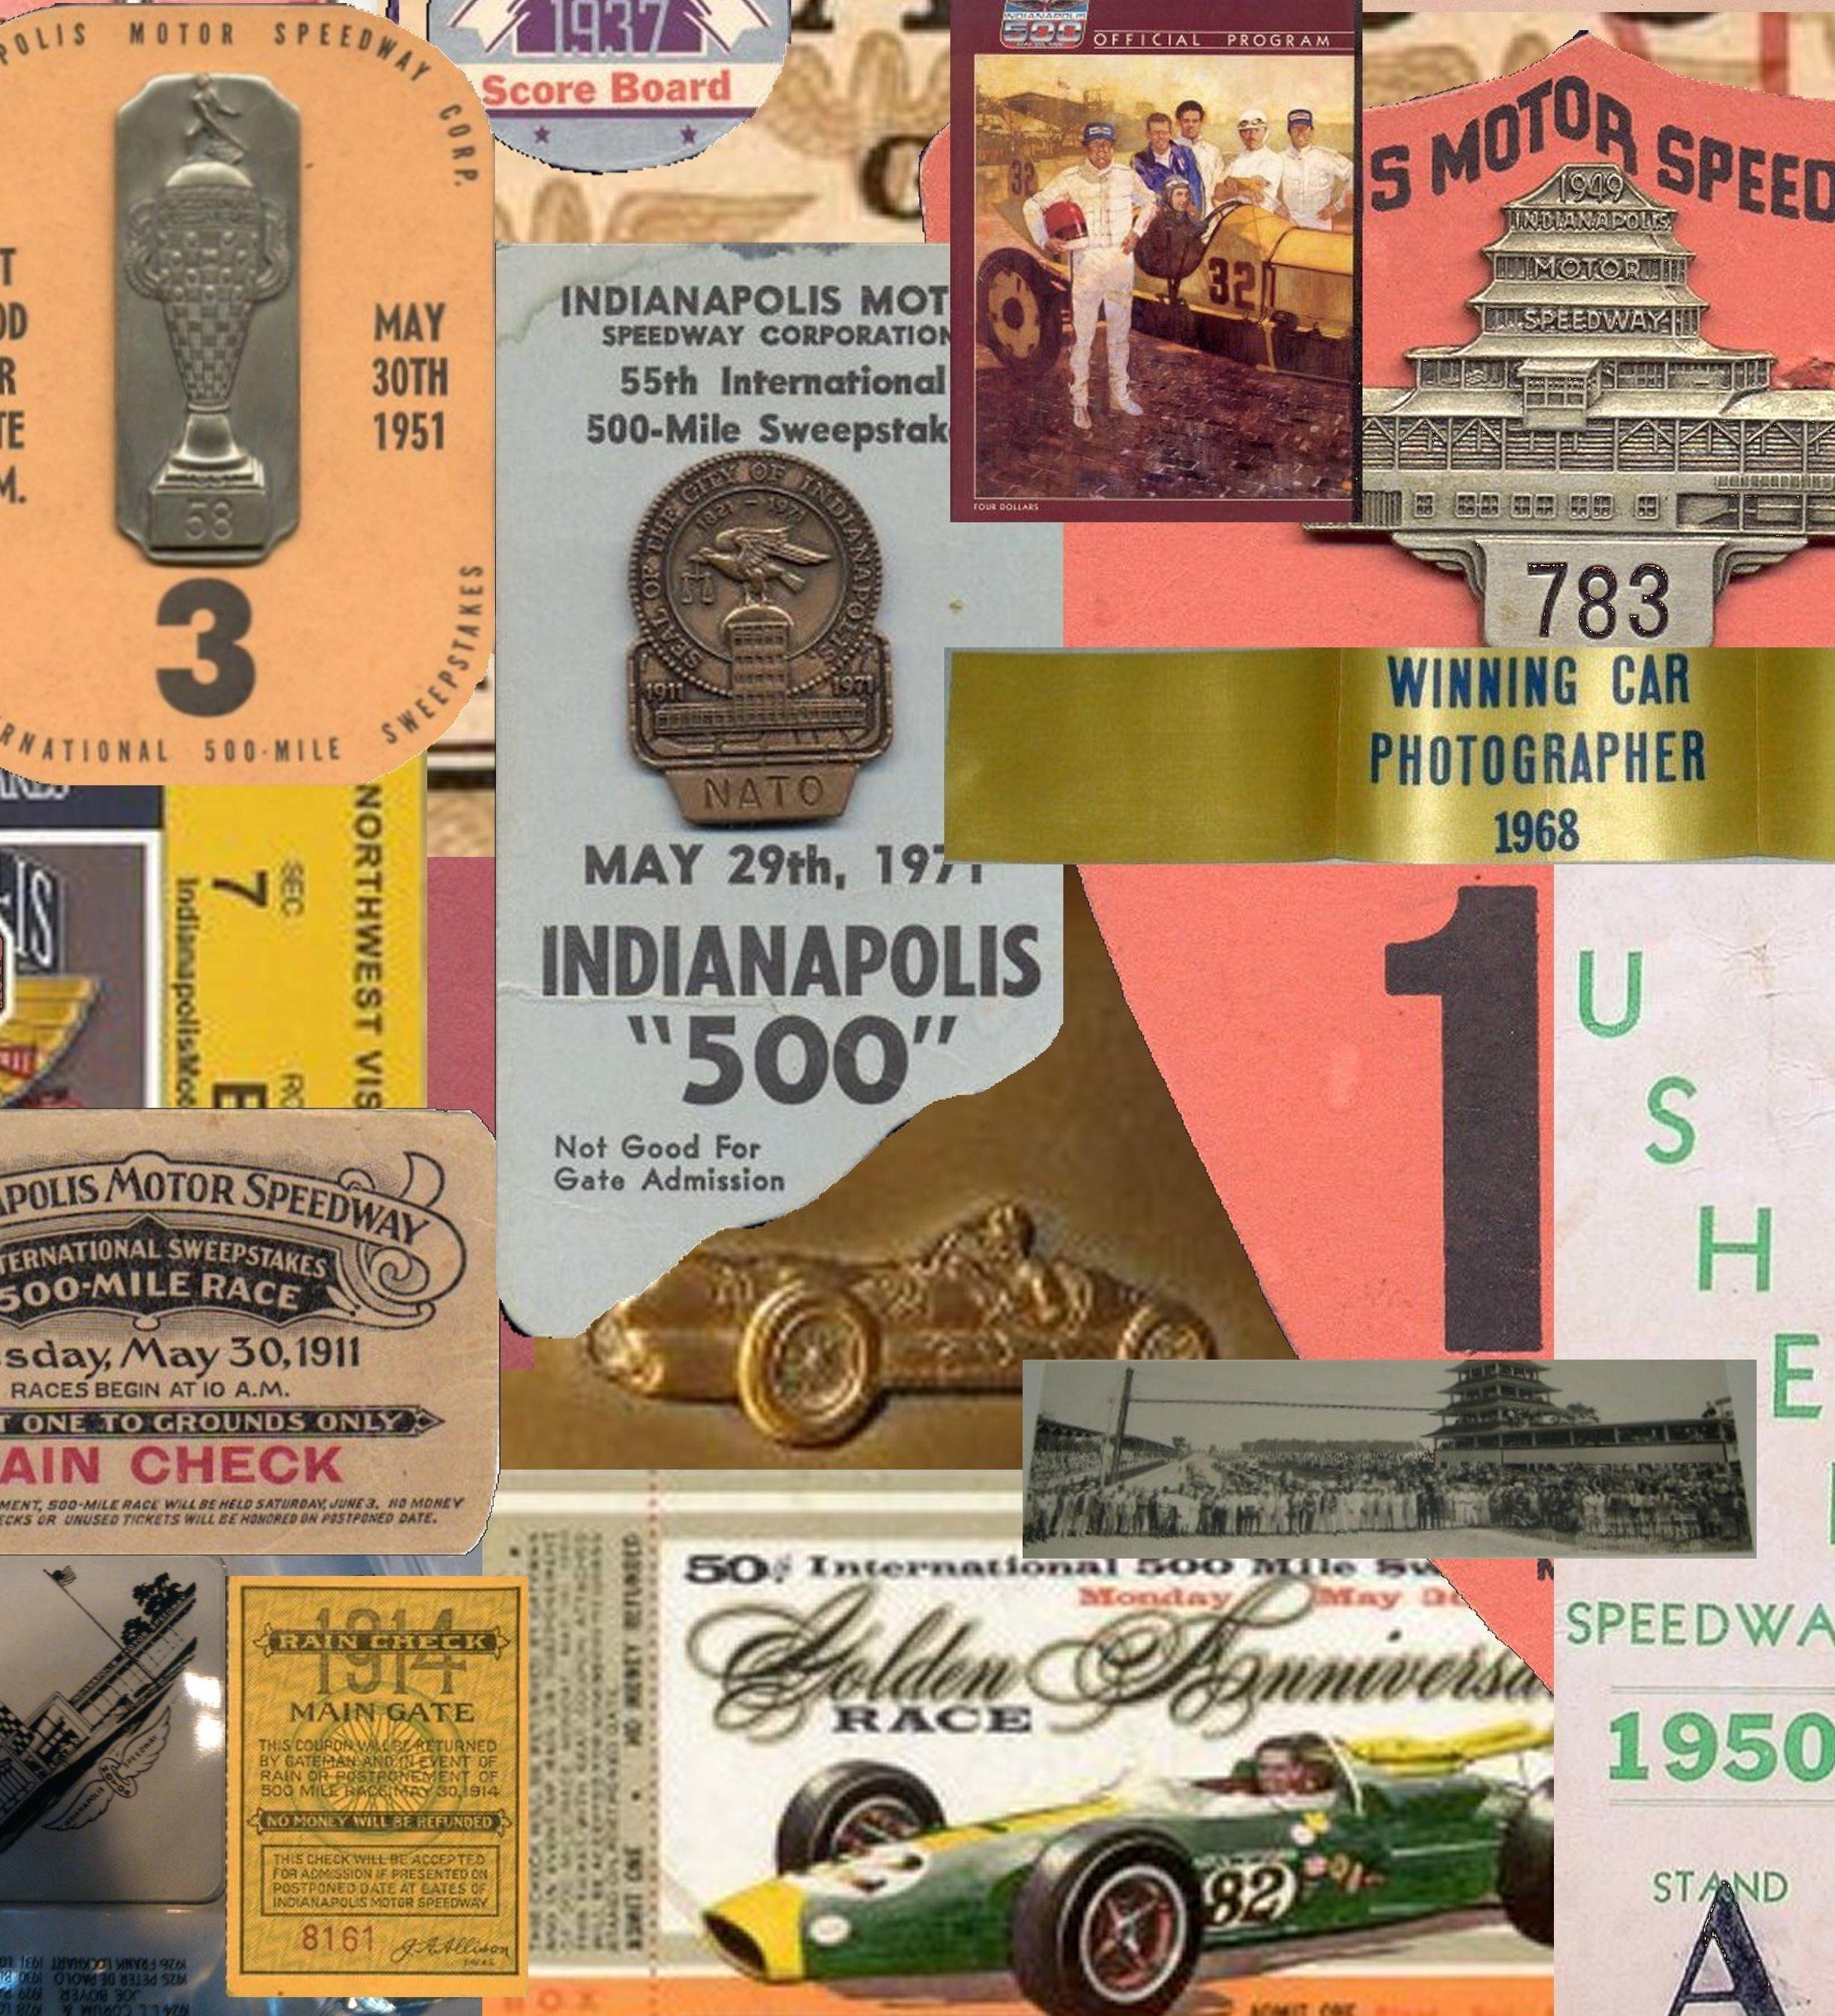 Indianapolis 500 Memorabilia - Click below to see Indianapolis 500 Memorabilia